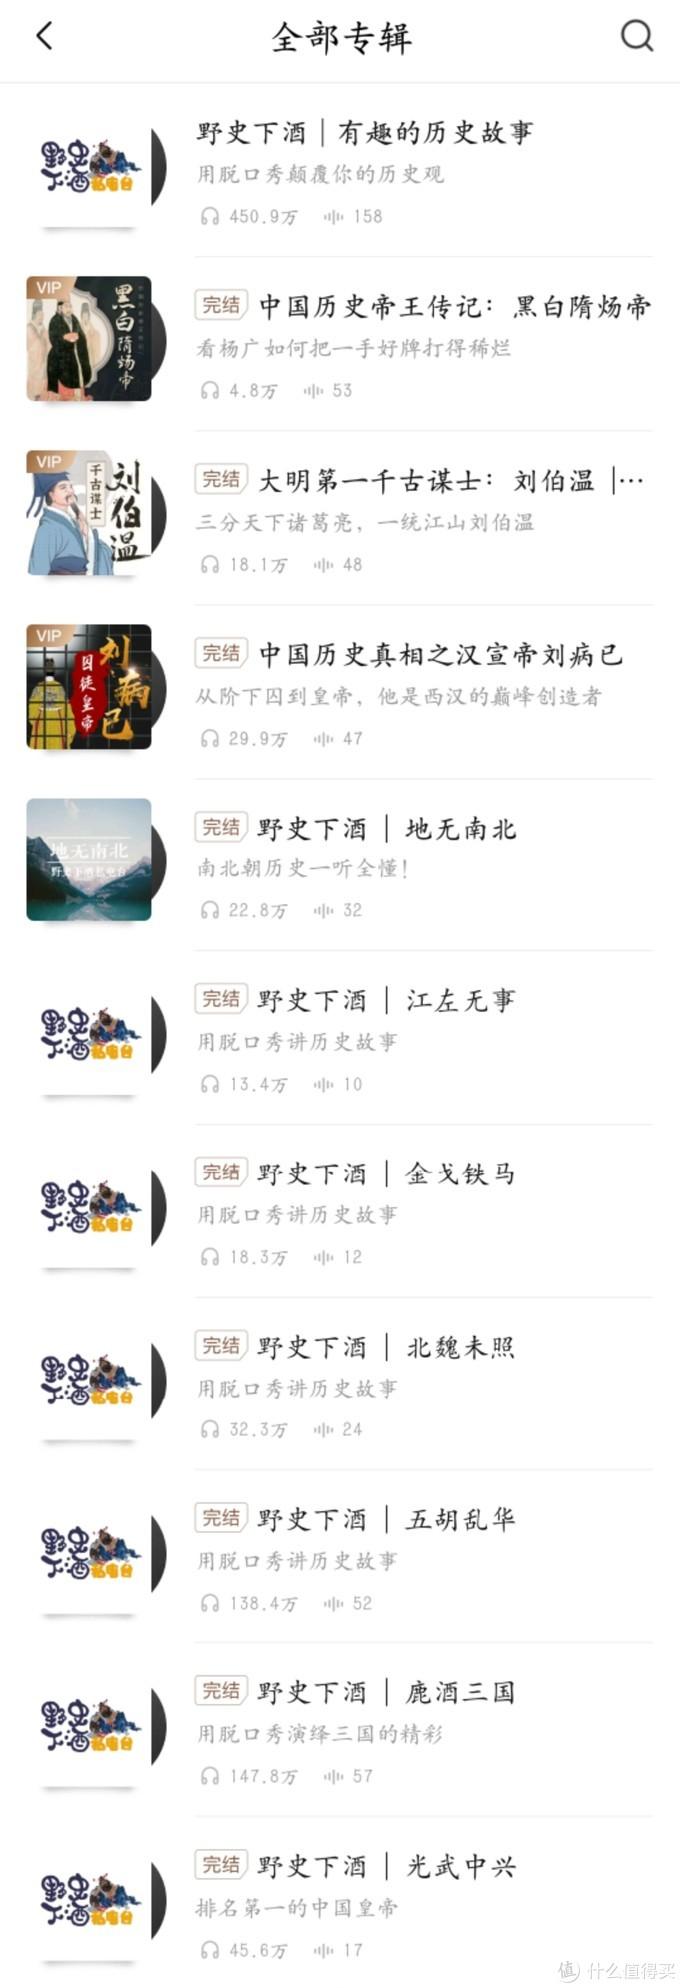 最近常听的中文博客节目